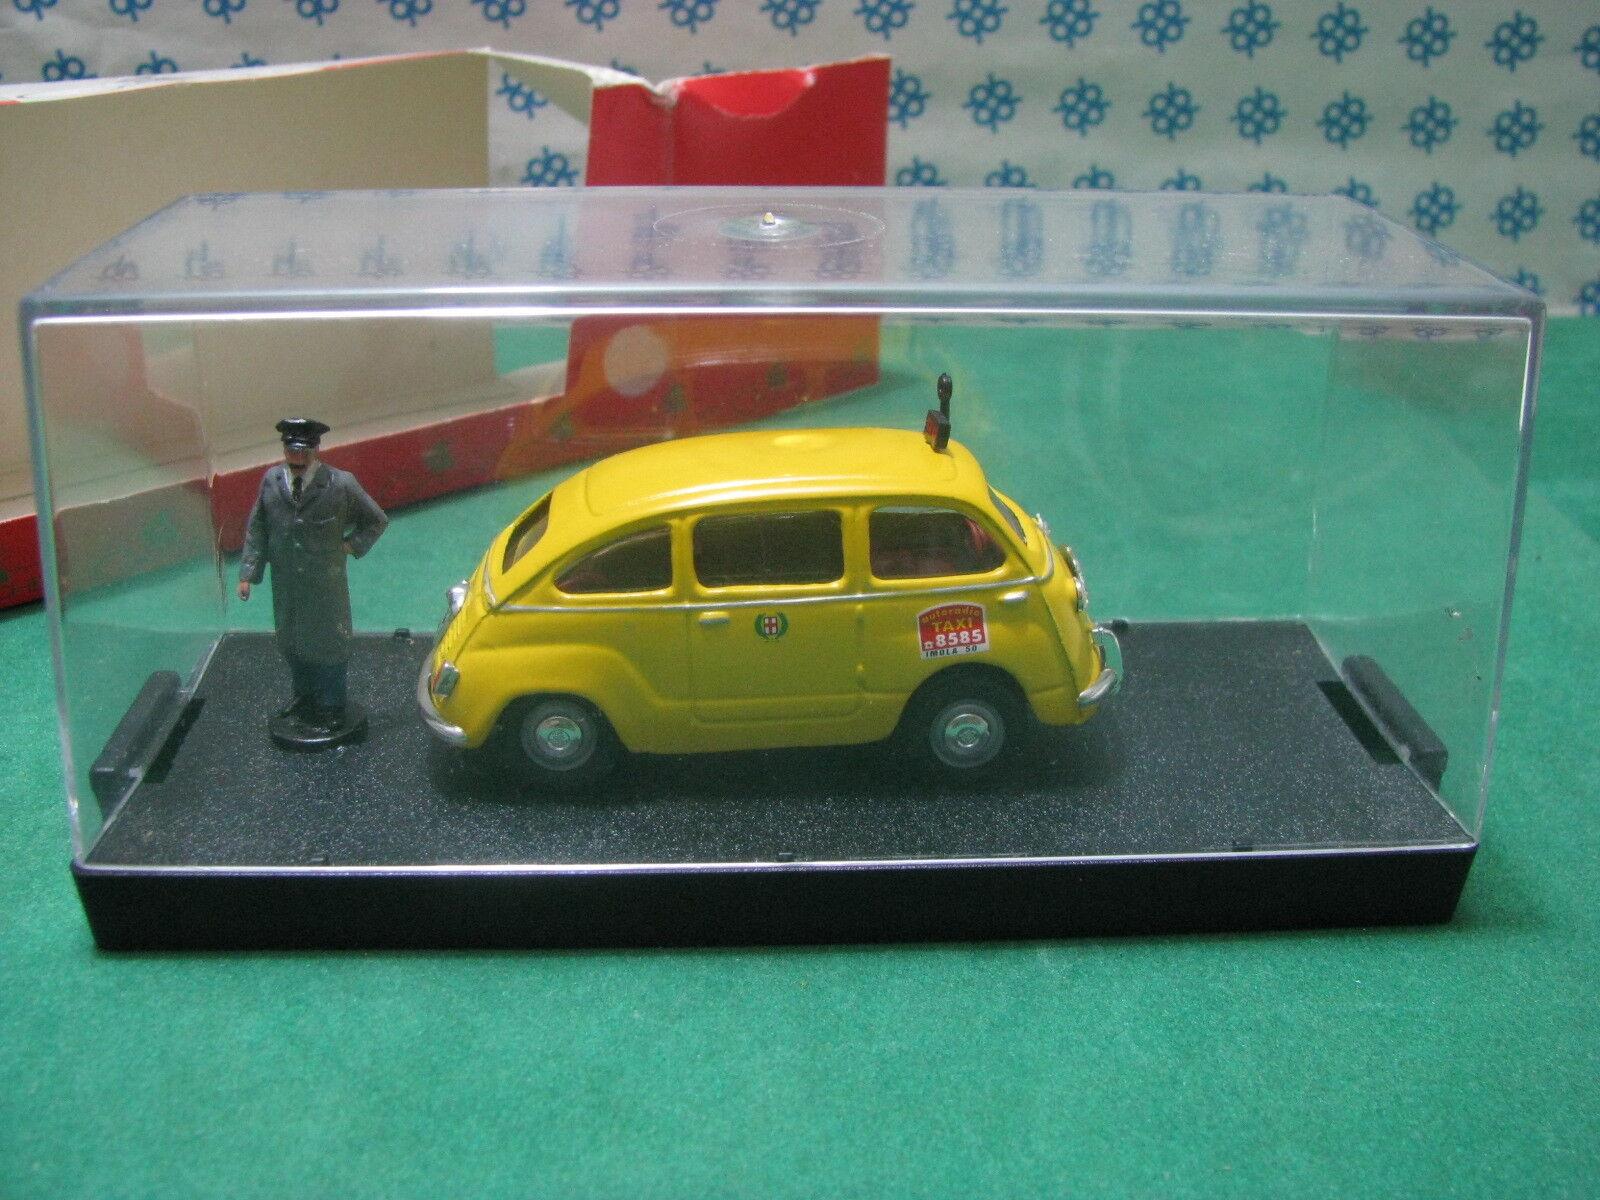 Vintage - FIAT 600 D Multipla Taxi Taxi Taxi con conductor de Taxi - 1 43 Giocher fa6ed2